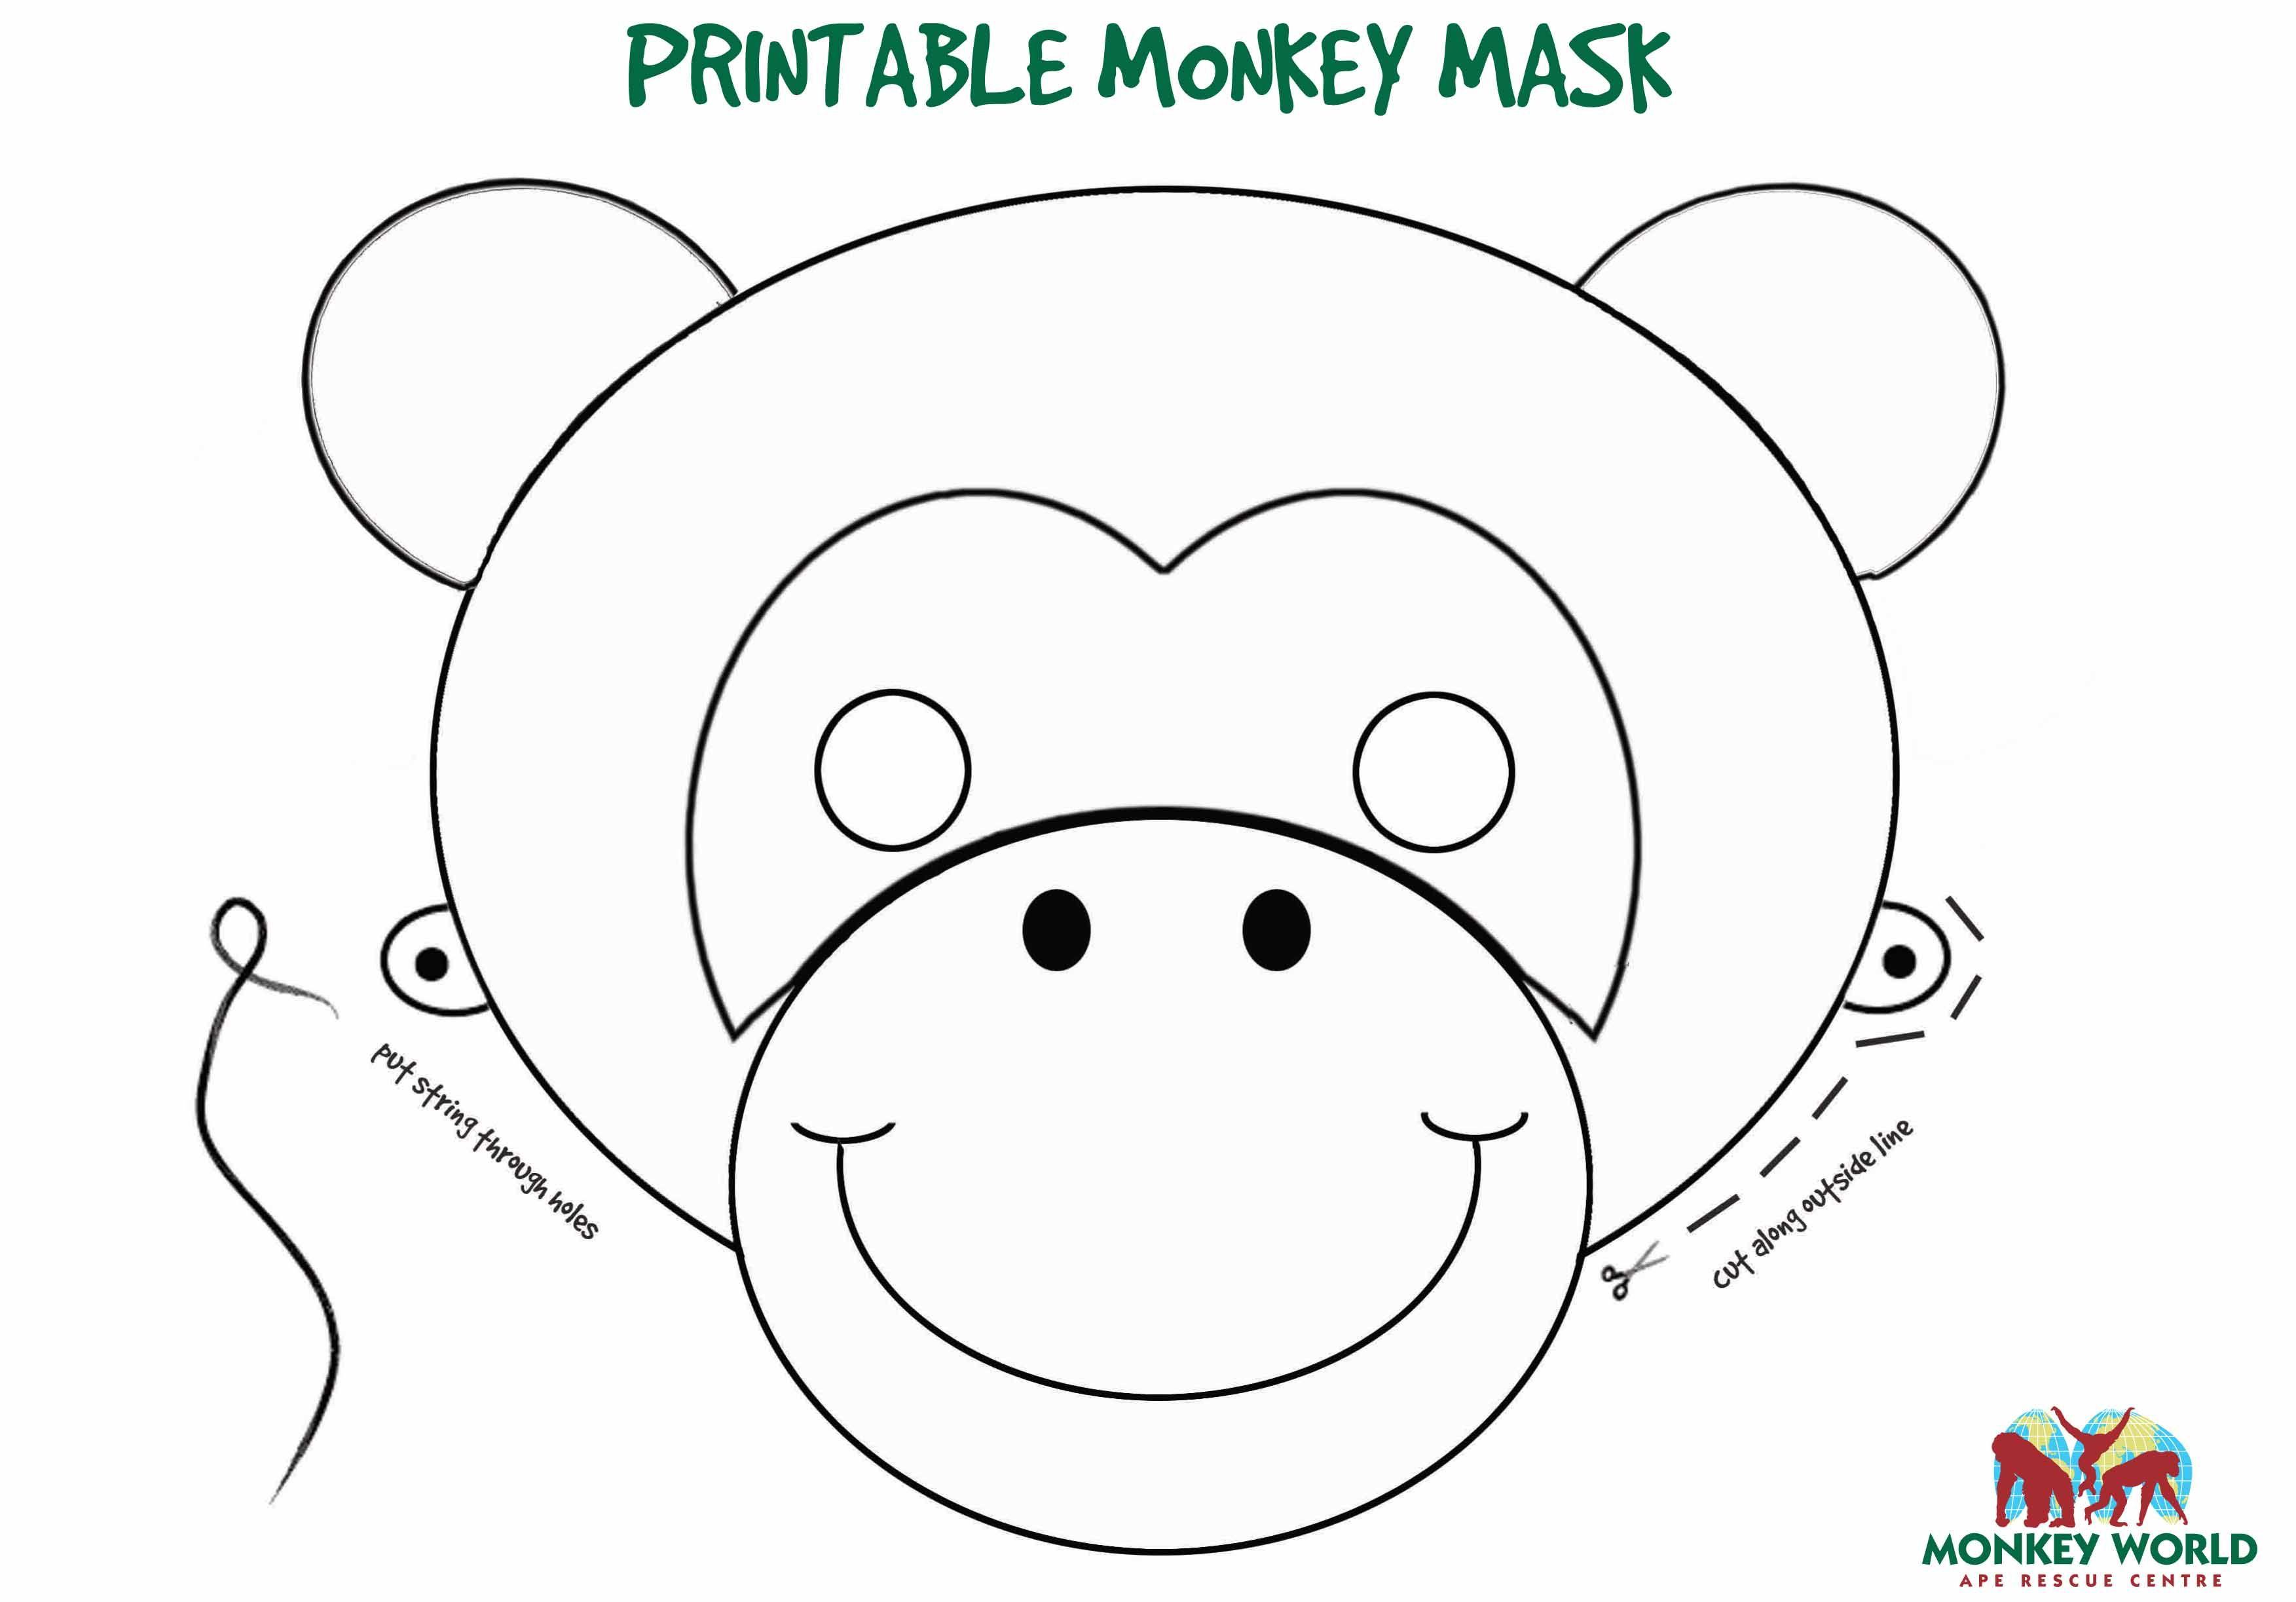 Monkey World Ape Rescue Centre | Kids parties | Pinterest